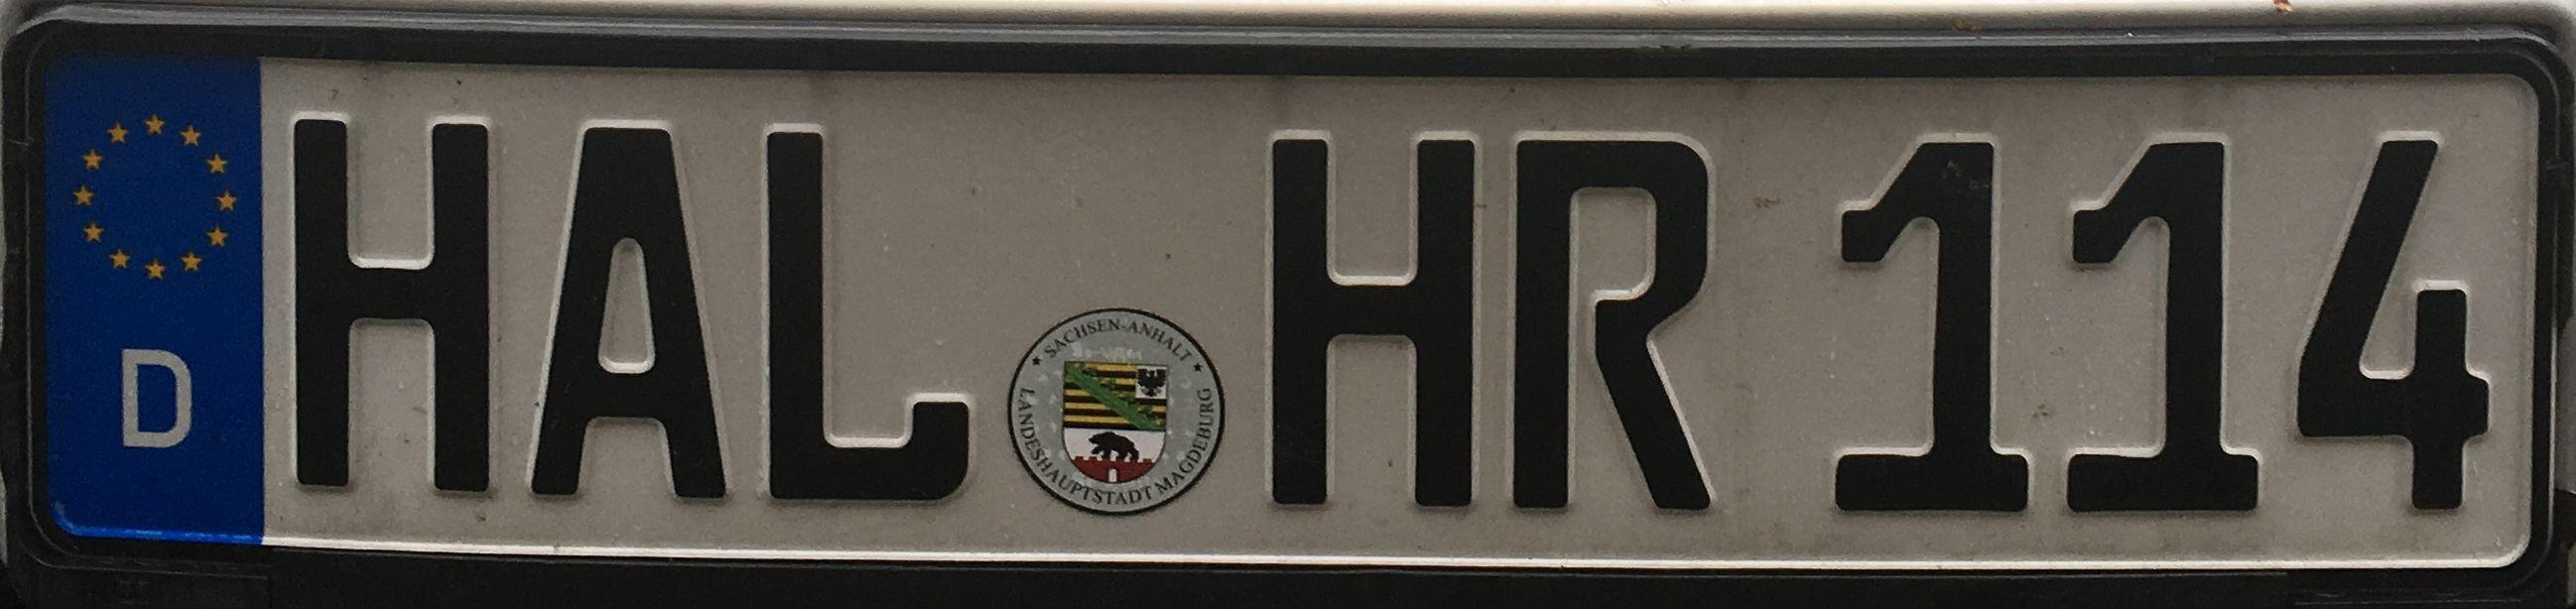 Registrační značka Německo - HAL - Halle, foto:www.podalnici.cz